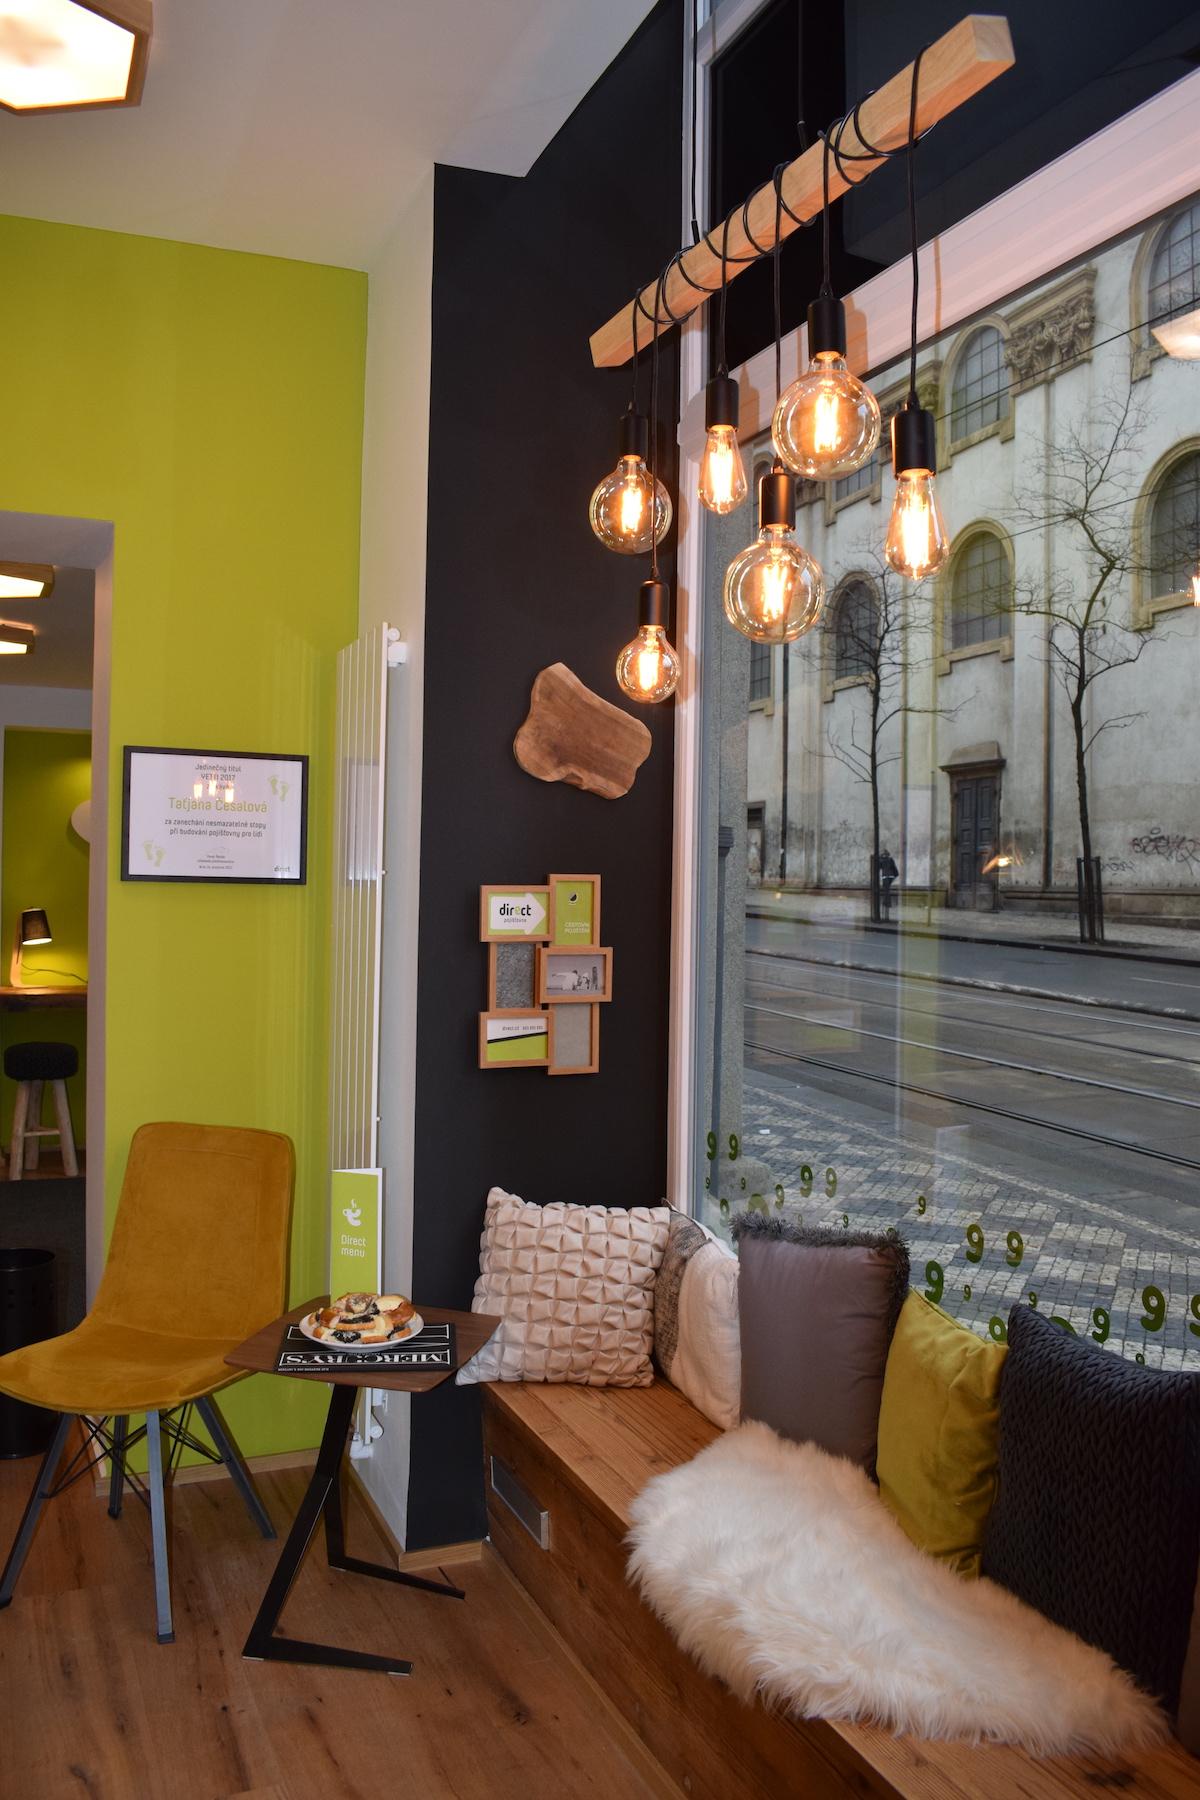 Kavárenská pobočka pojišťovny Direct v Ječné ulici v Praze